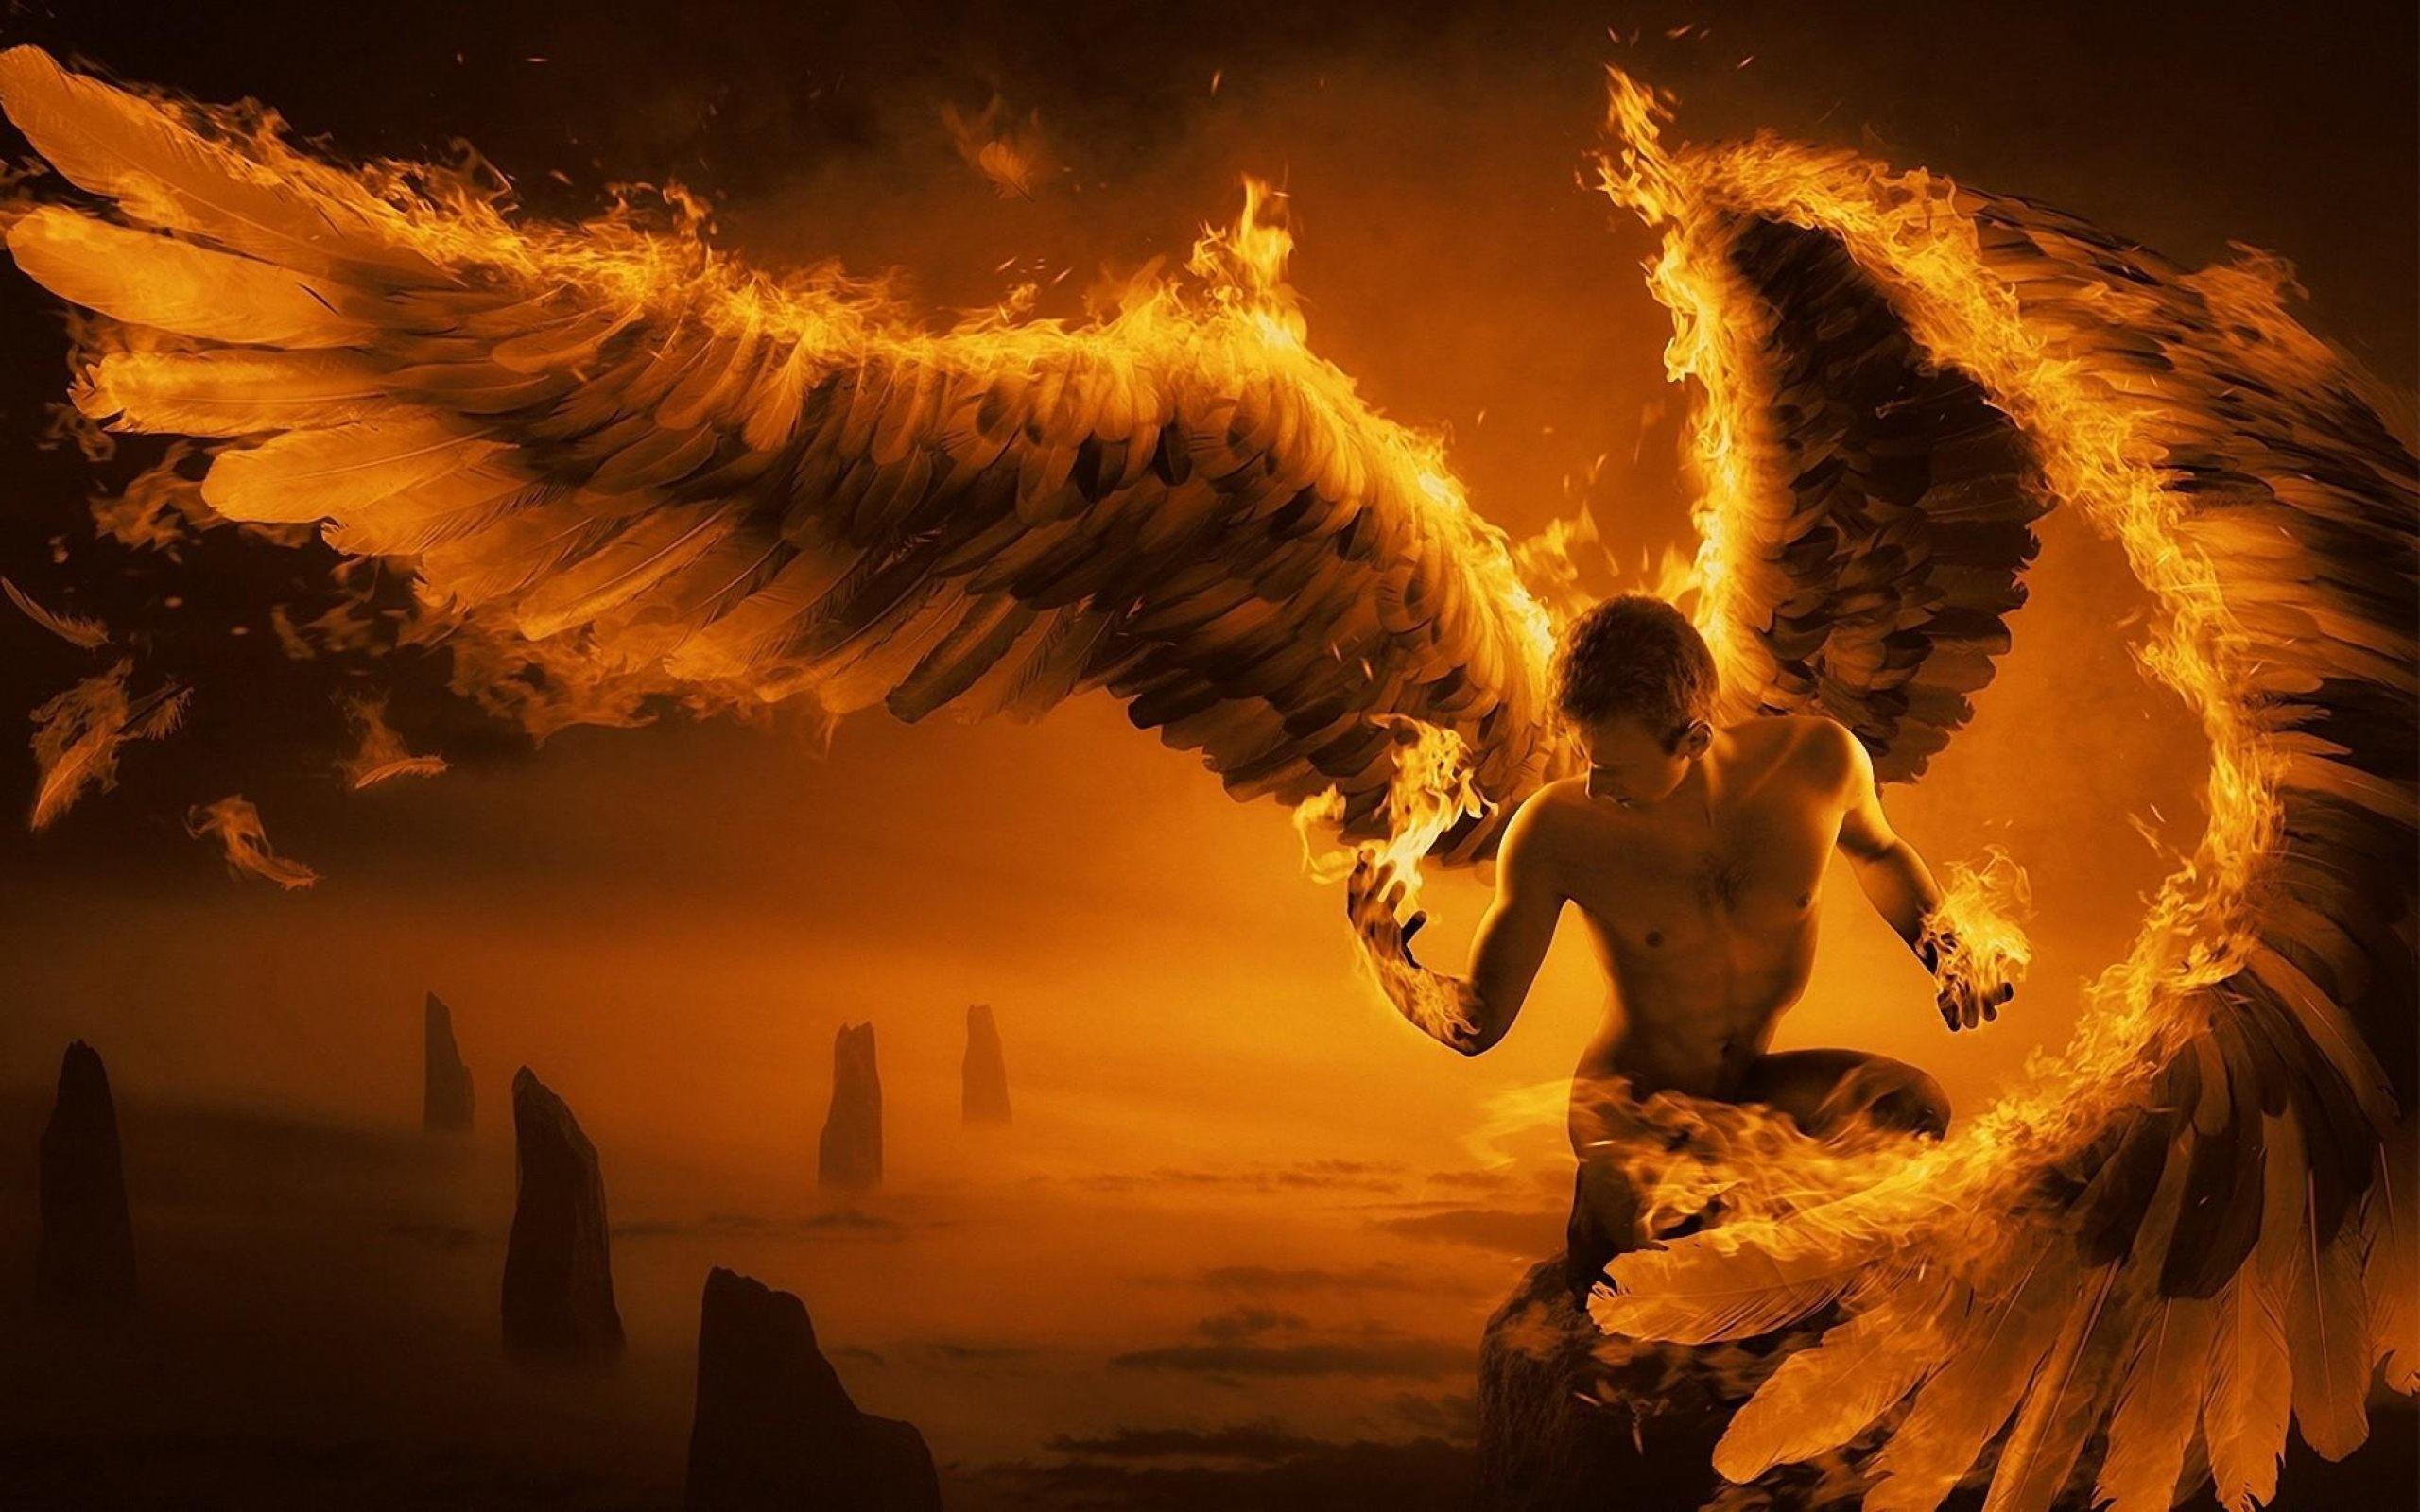 Angel Wings Fire Fantasy Wallpaper